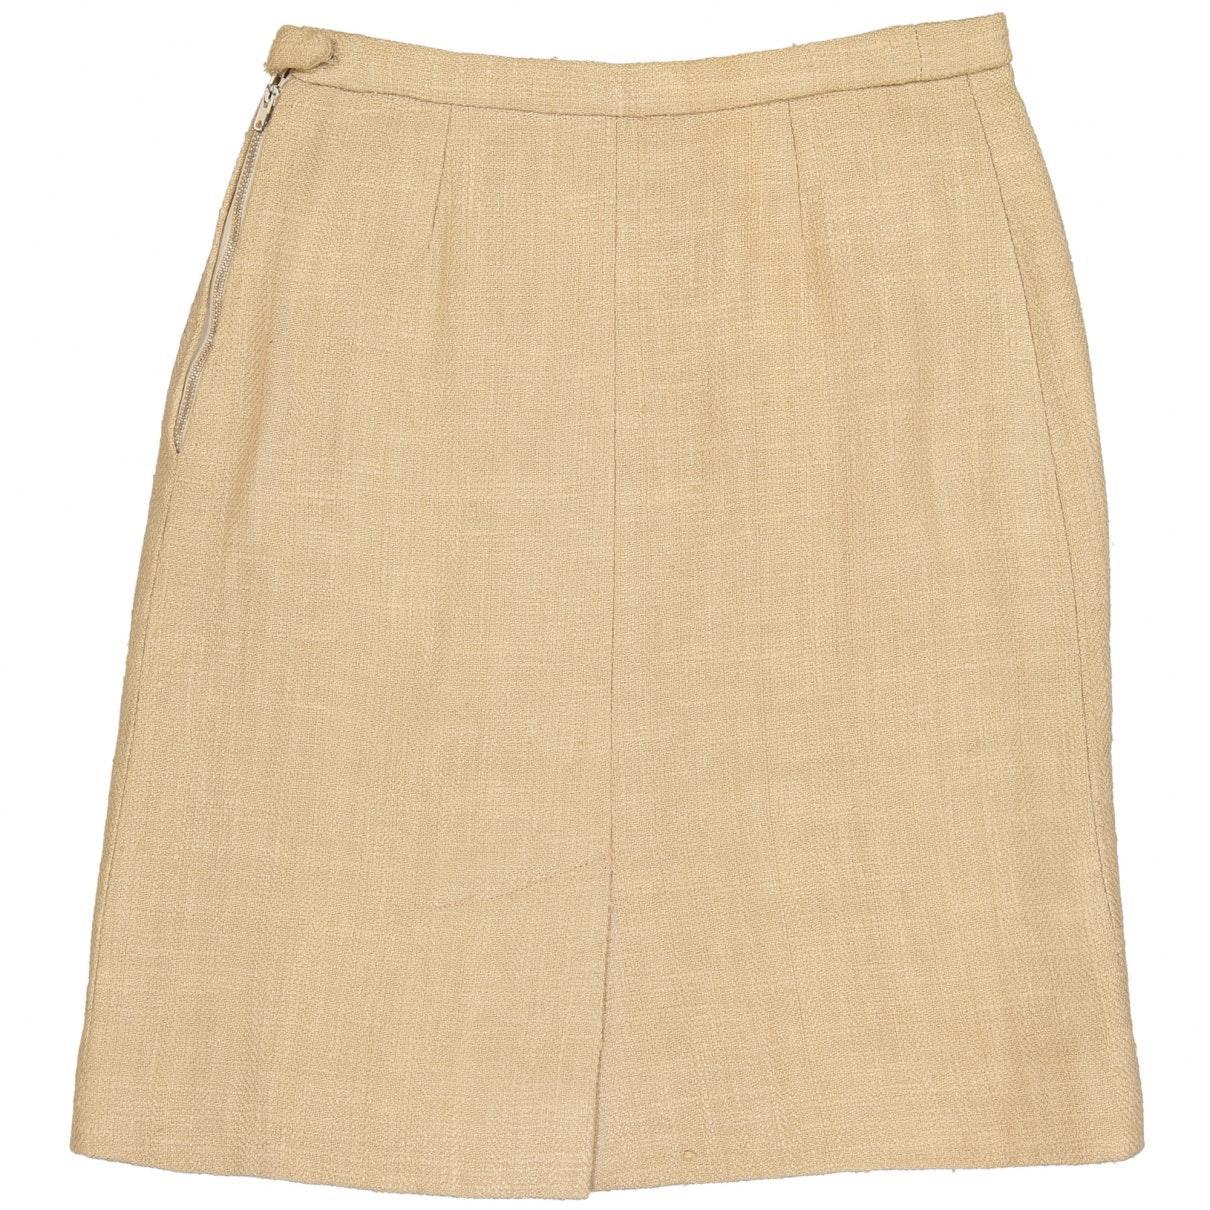 Falda en lino beige N Hermès de Lino de color Neutro